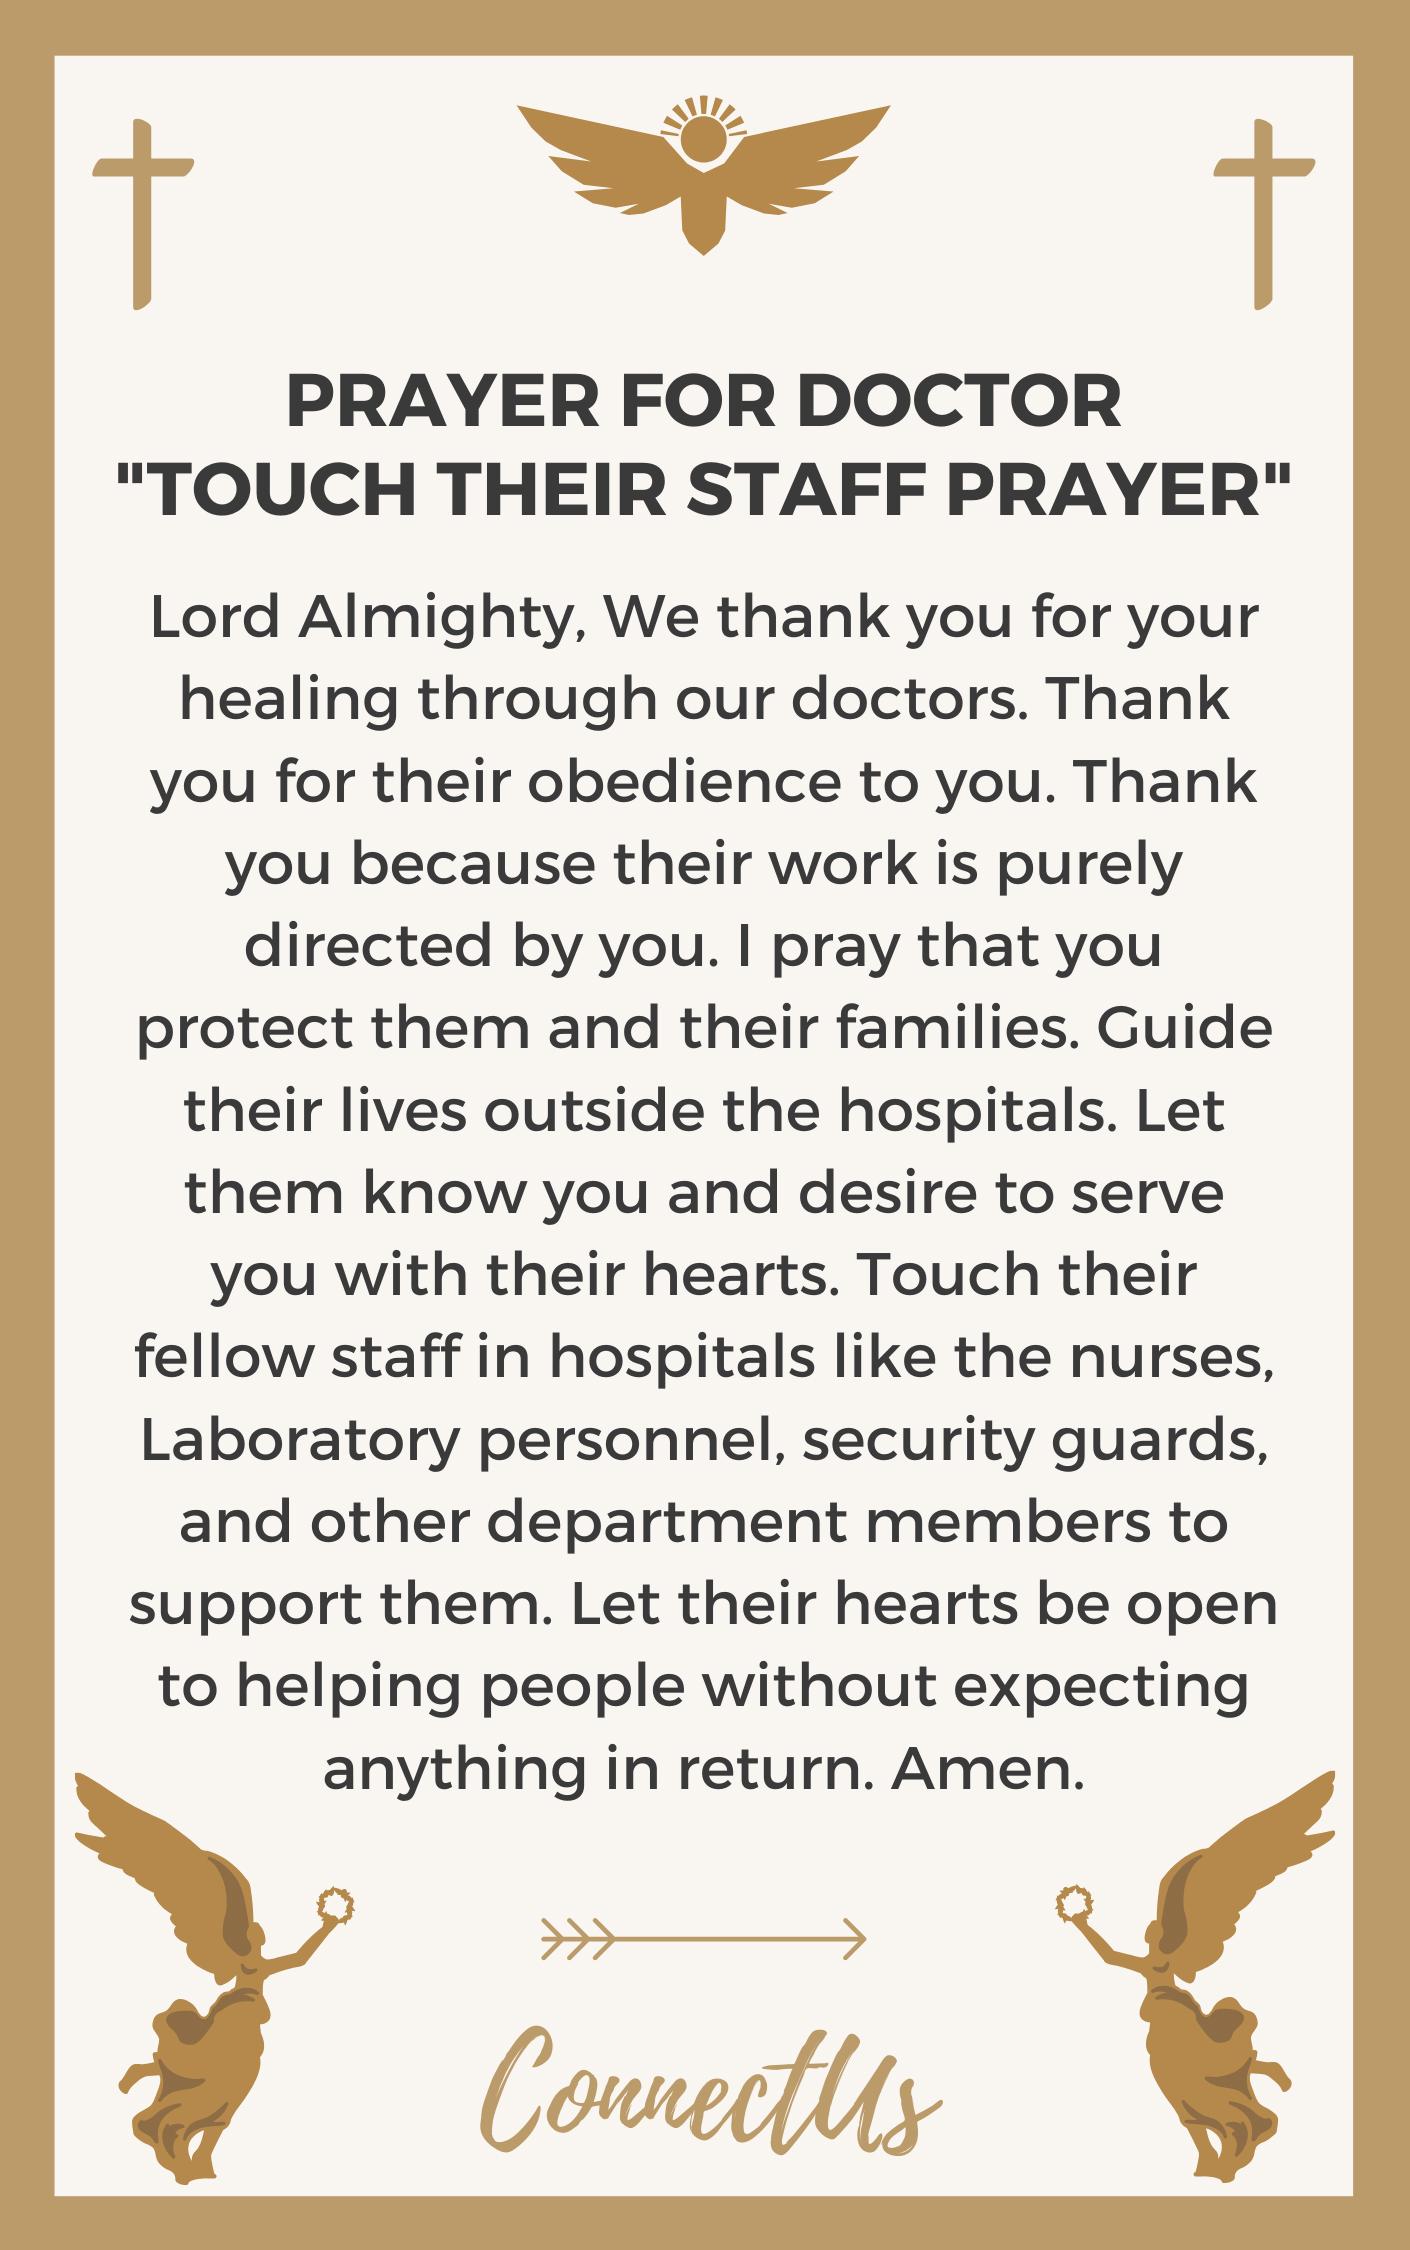 Prayer-for-Doctor-11